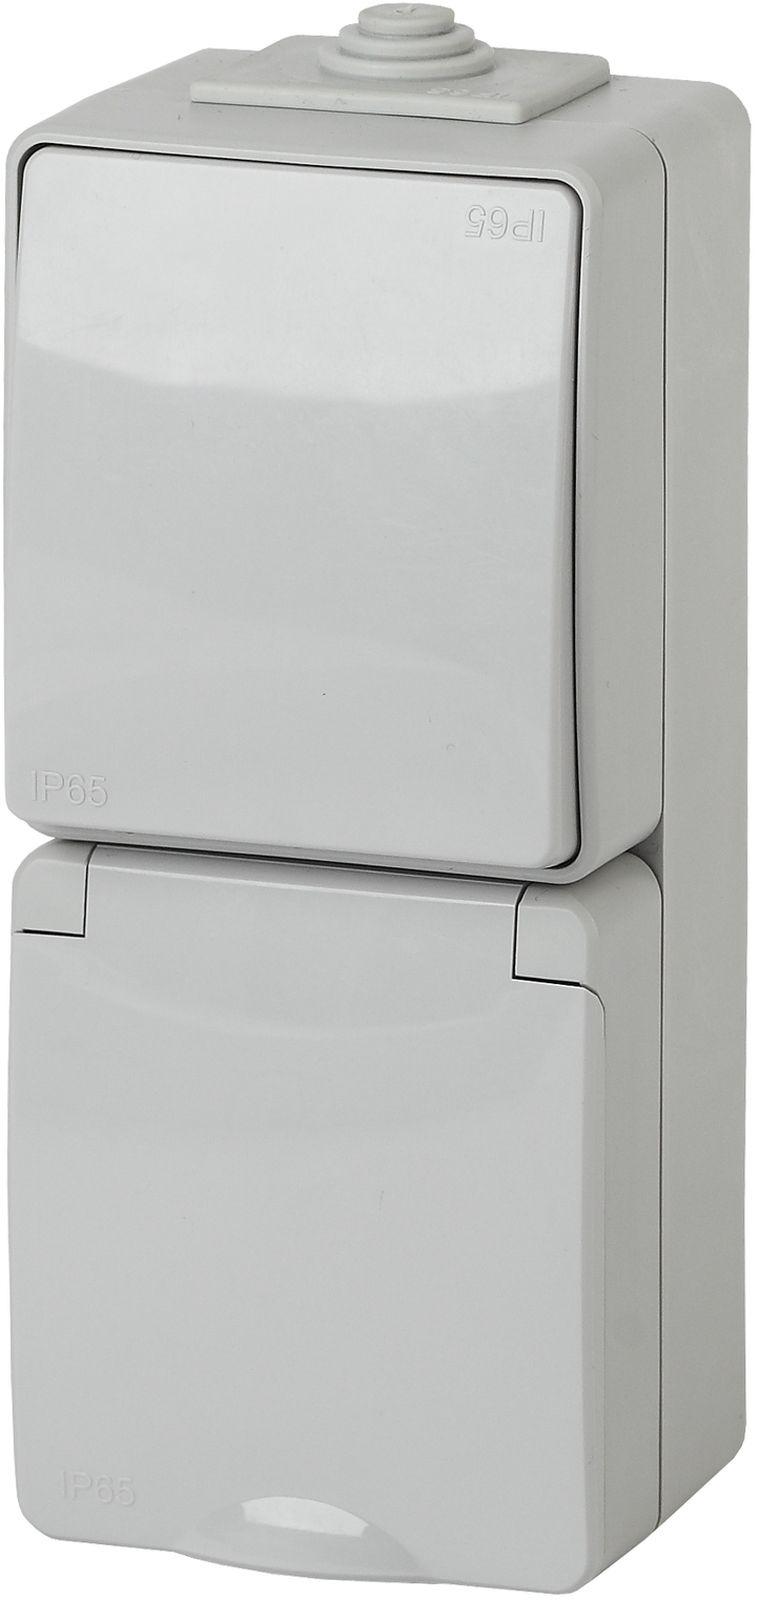 Розеточно-клавишный блок ЭРА Эксперт, вертикальный монтаж, 16A(10AX)-250В, 11-7607-03, серый блок розеточно клавишный эра эксперт цвет серый 11 7401 03